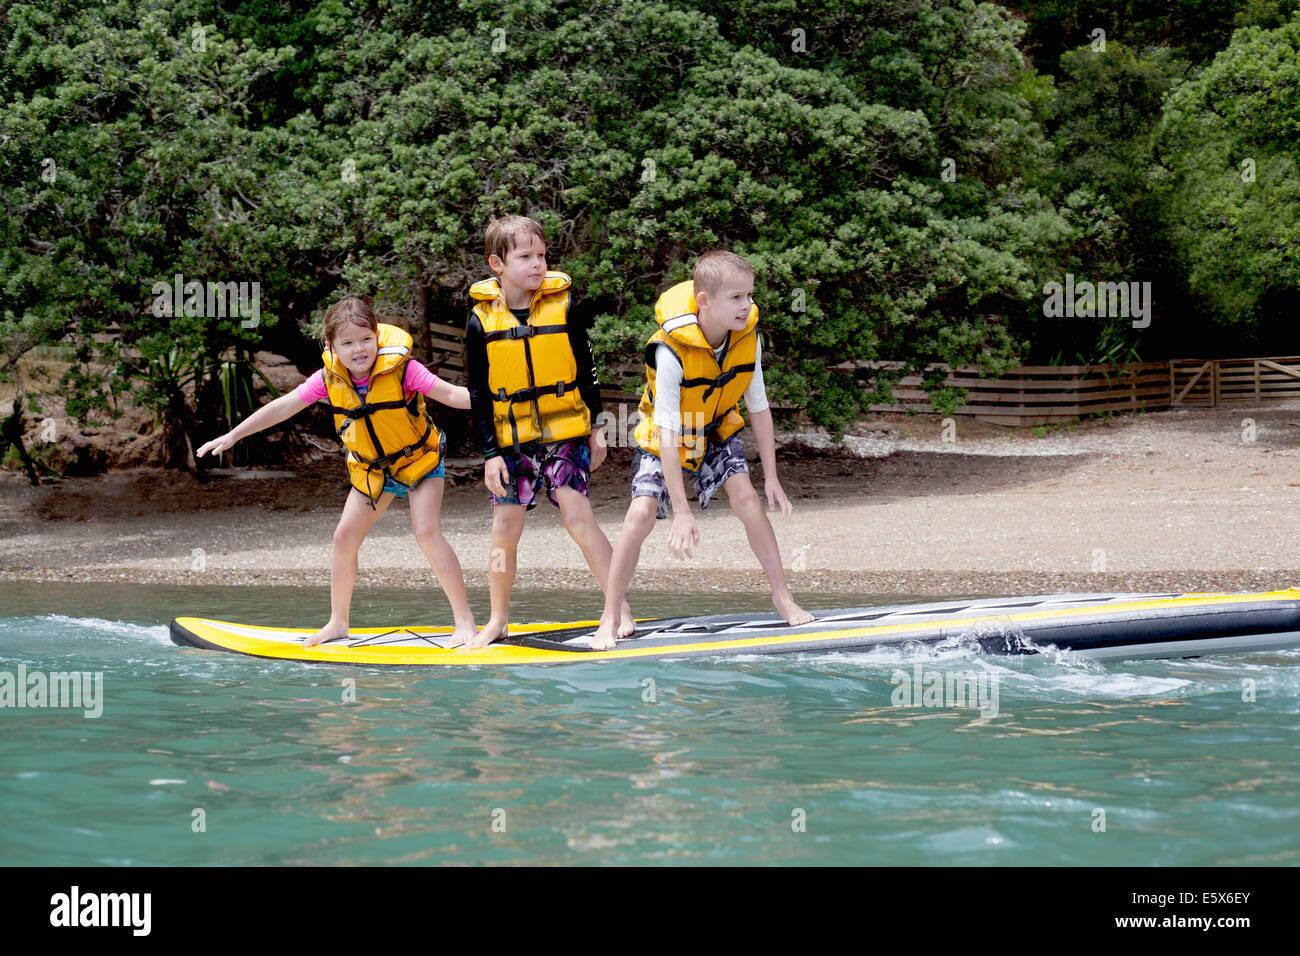 Fratelli e sorelle in piedi sul paddleboard in mare Immagini Stock